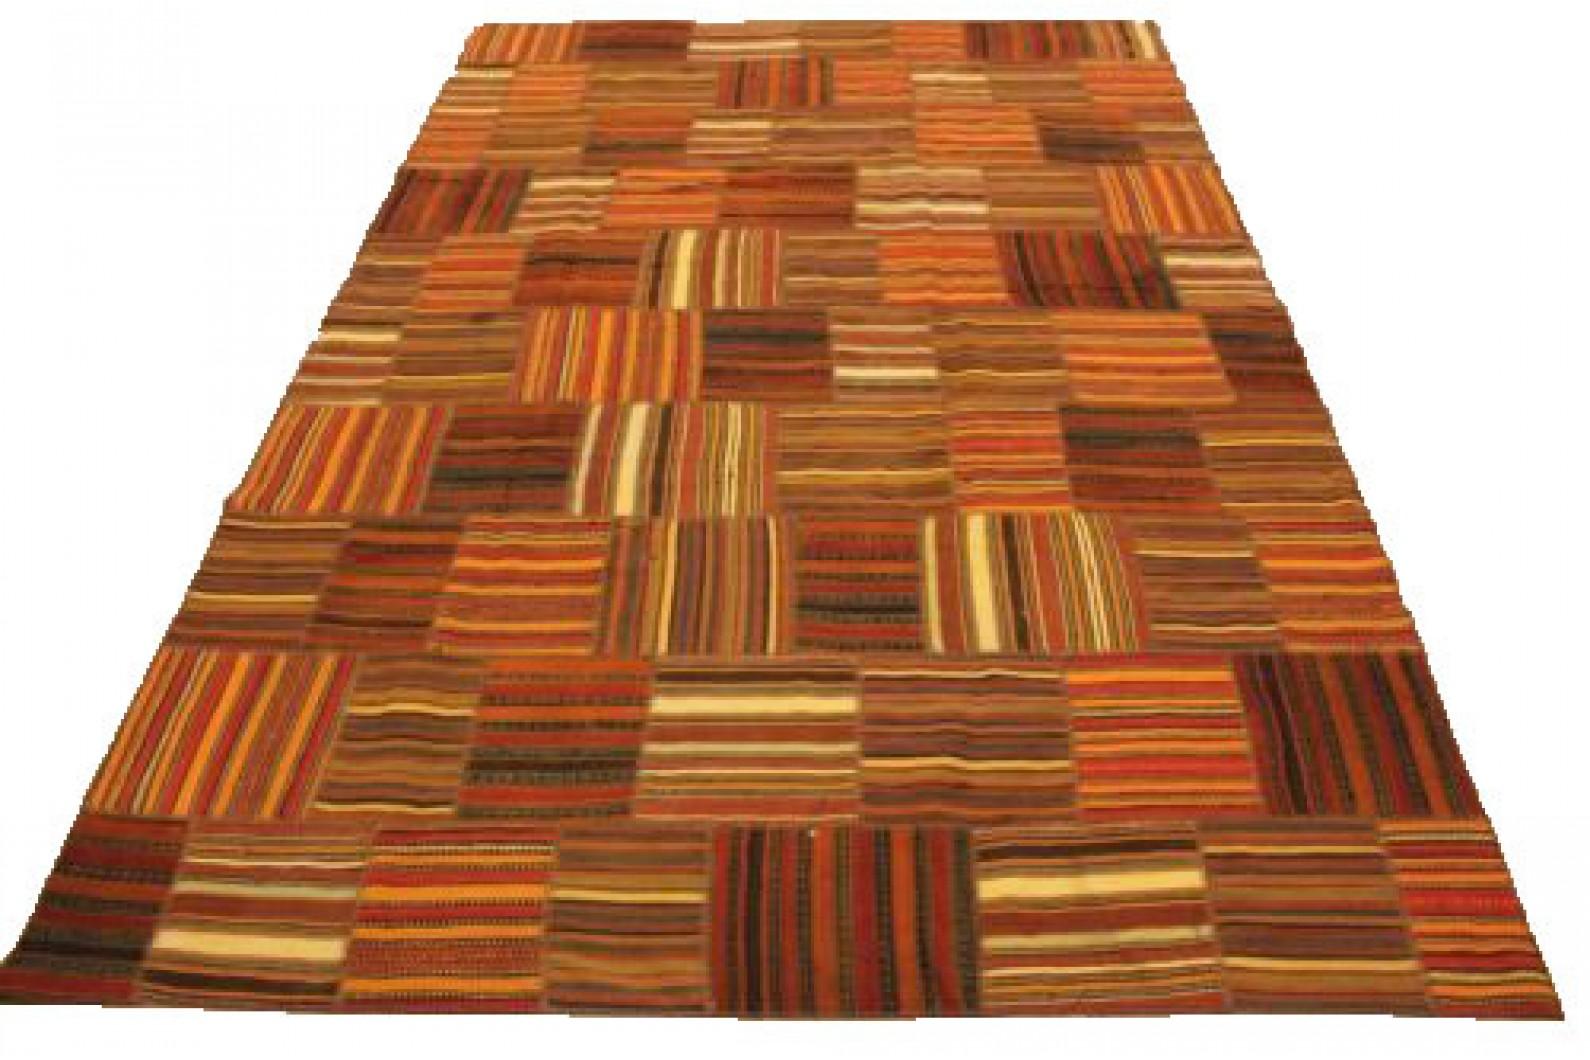 Kelim Patchwork Teppich Orange Braun Rot In 300x200cm 1001 2516